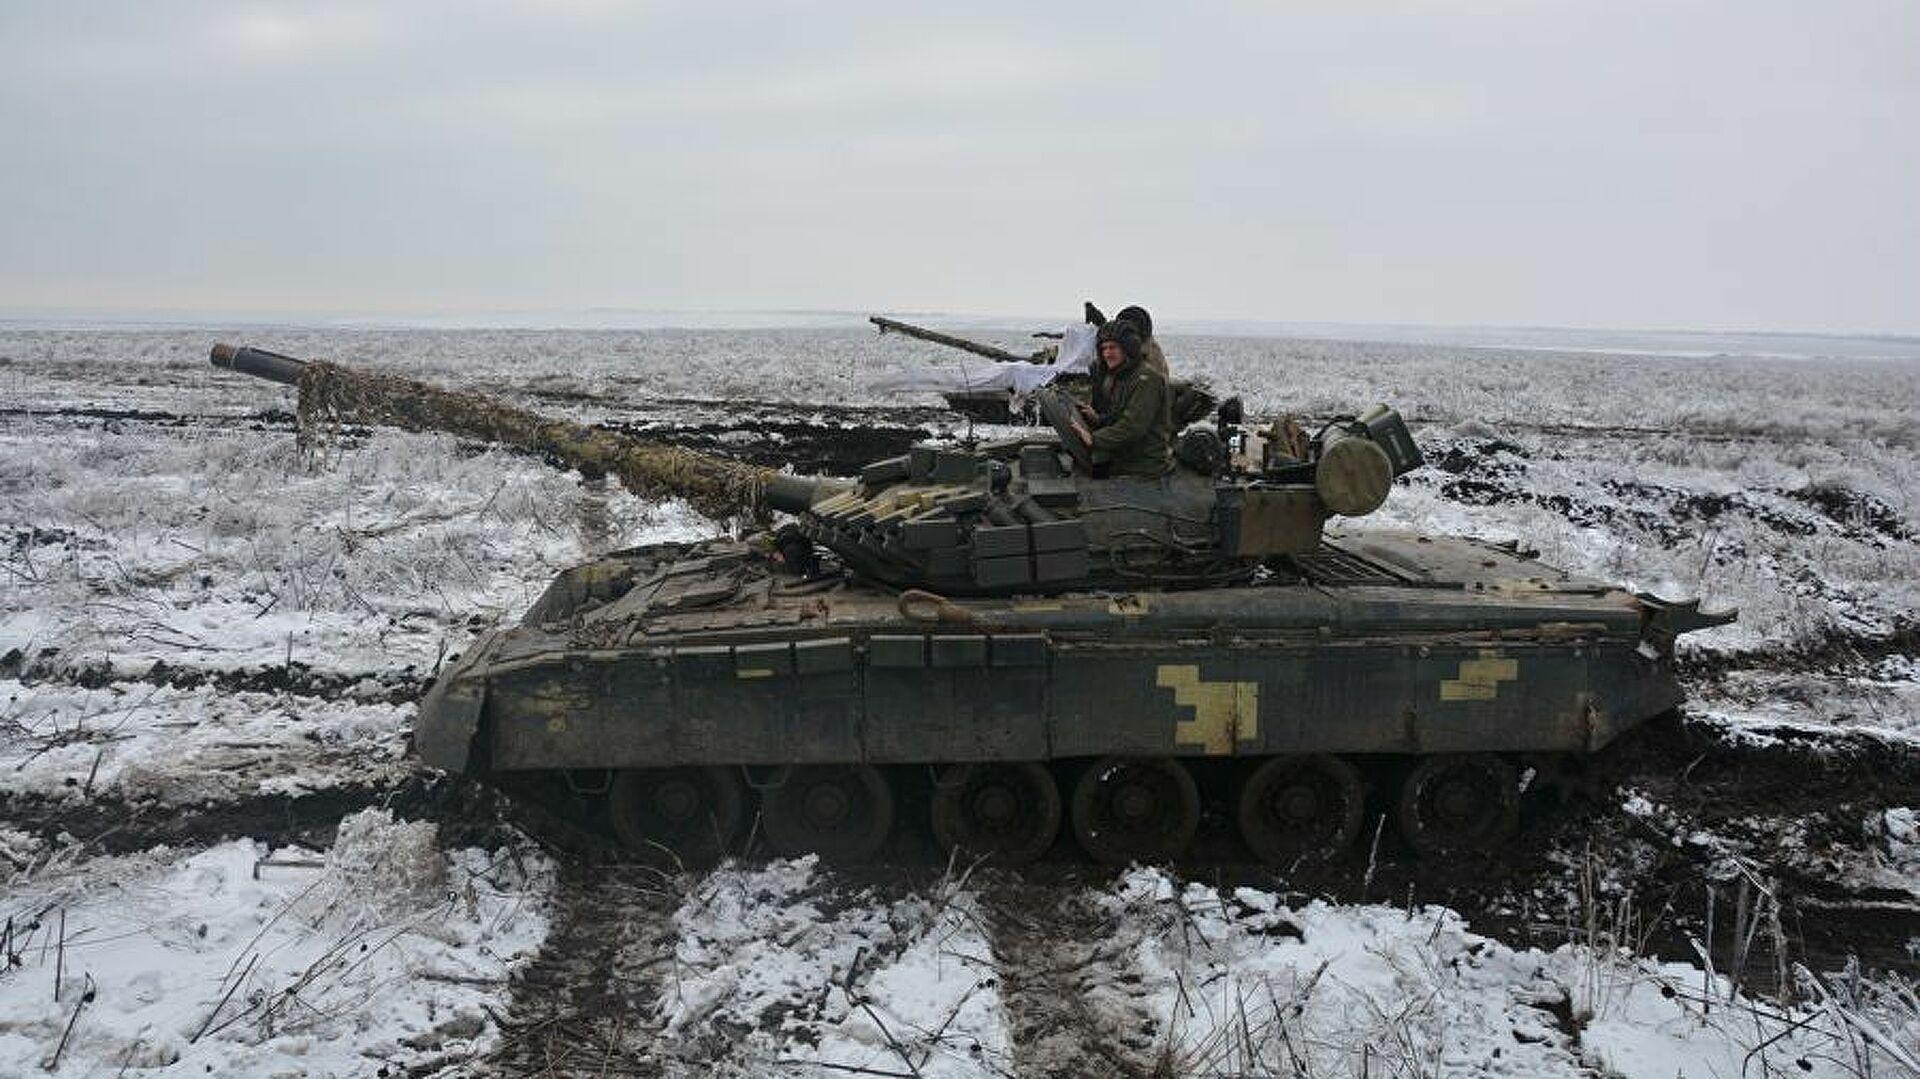 """Komandant ukrajinske vojske """"ne vidi čisto vojno rešenje"""" za Donbas"""